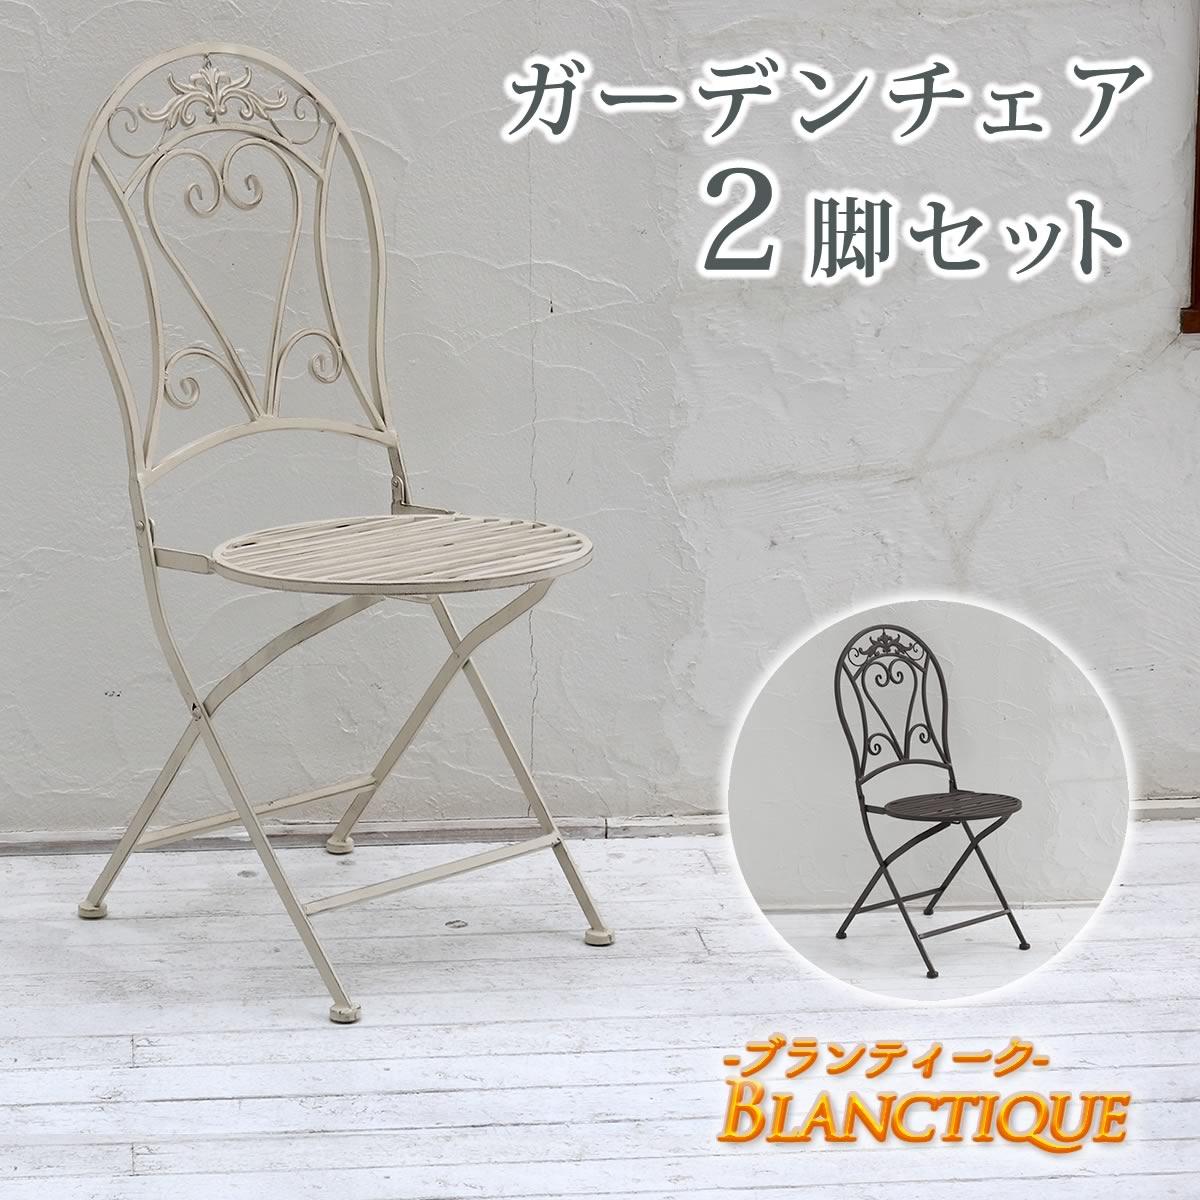 【送料無料】 Blanctique 〔ブランティーク〕 ホワイトアイアンチェア 2脚セット